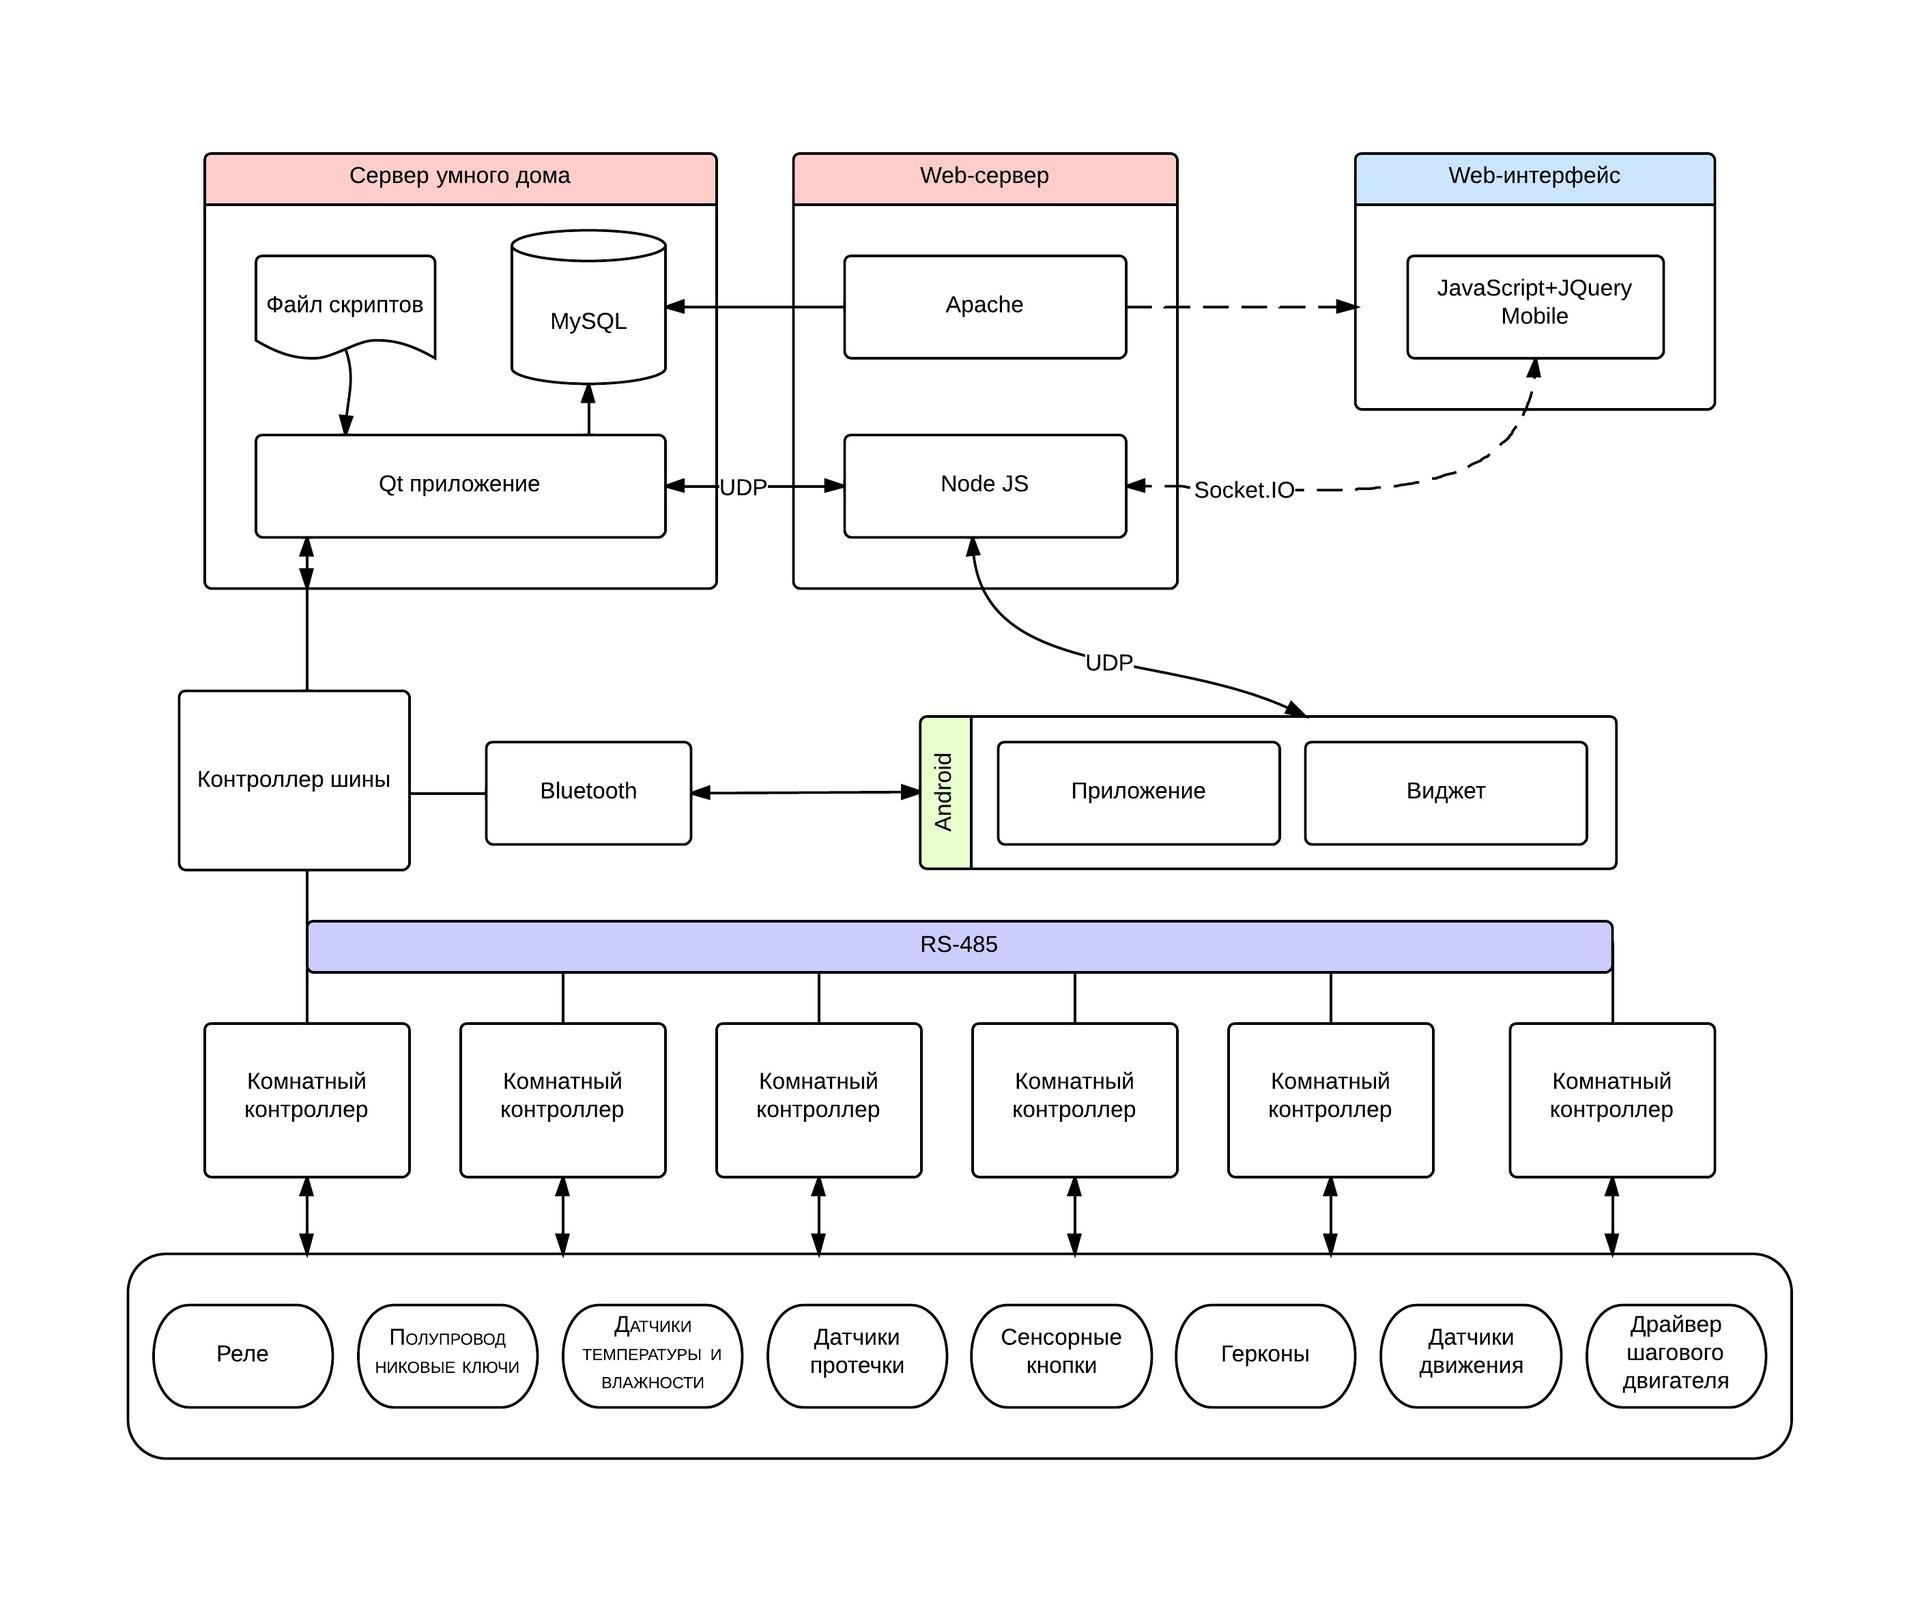 умный дом - архитектура системы